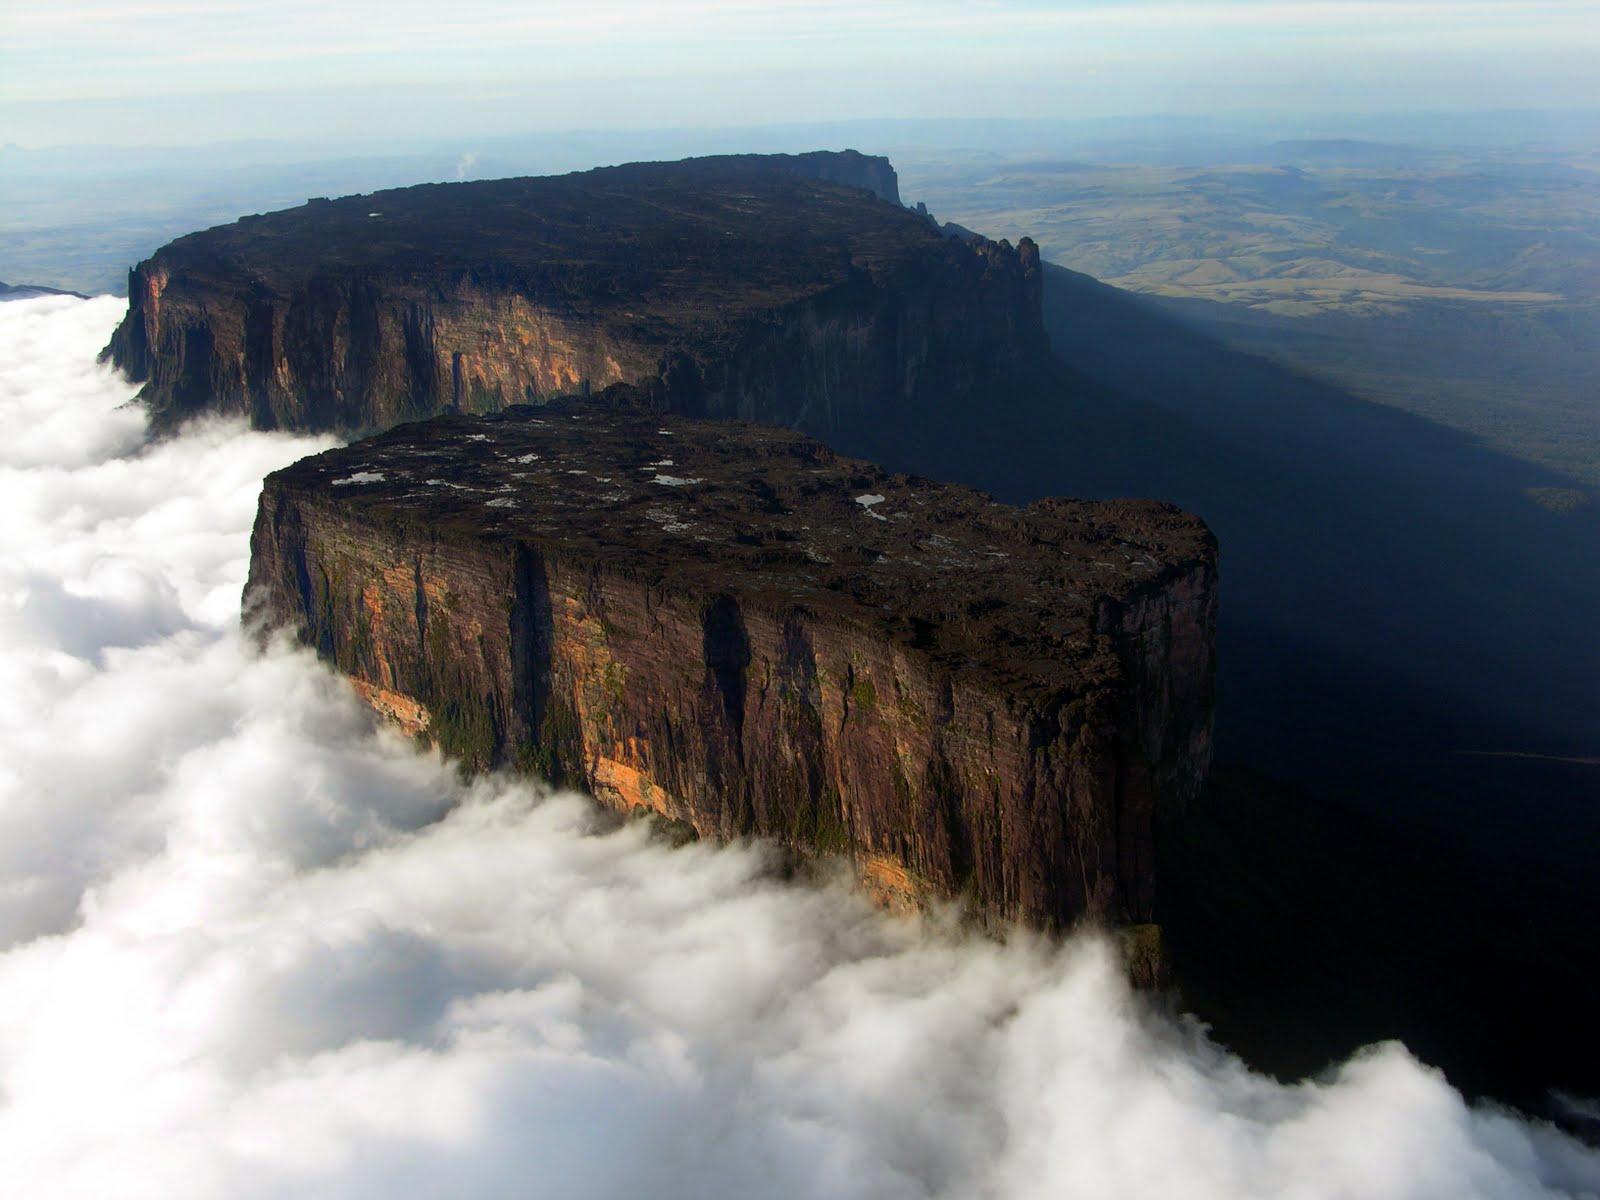 صور معلومات حول جبل رورايما فنزويلا